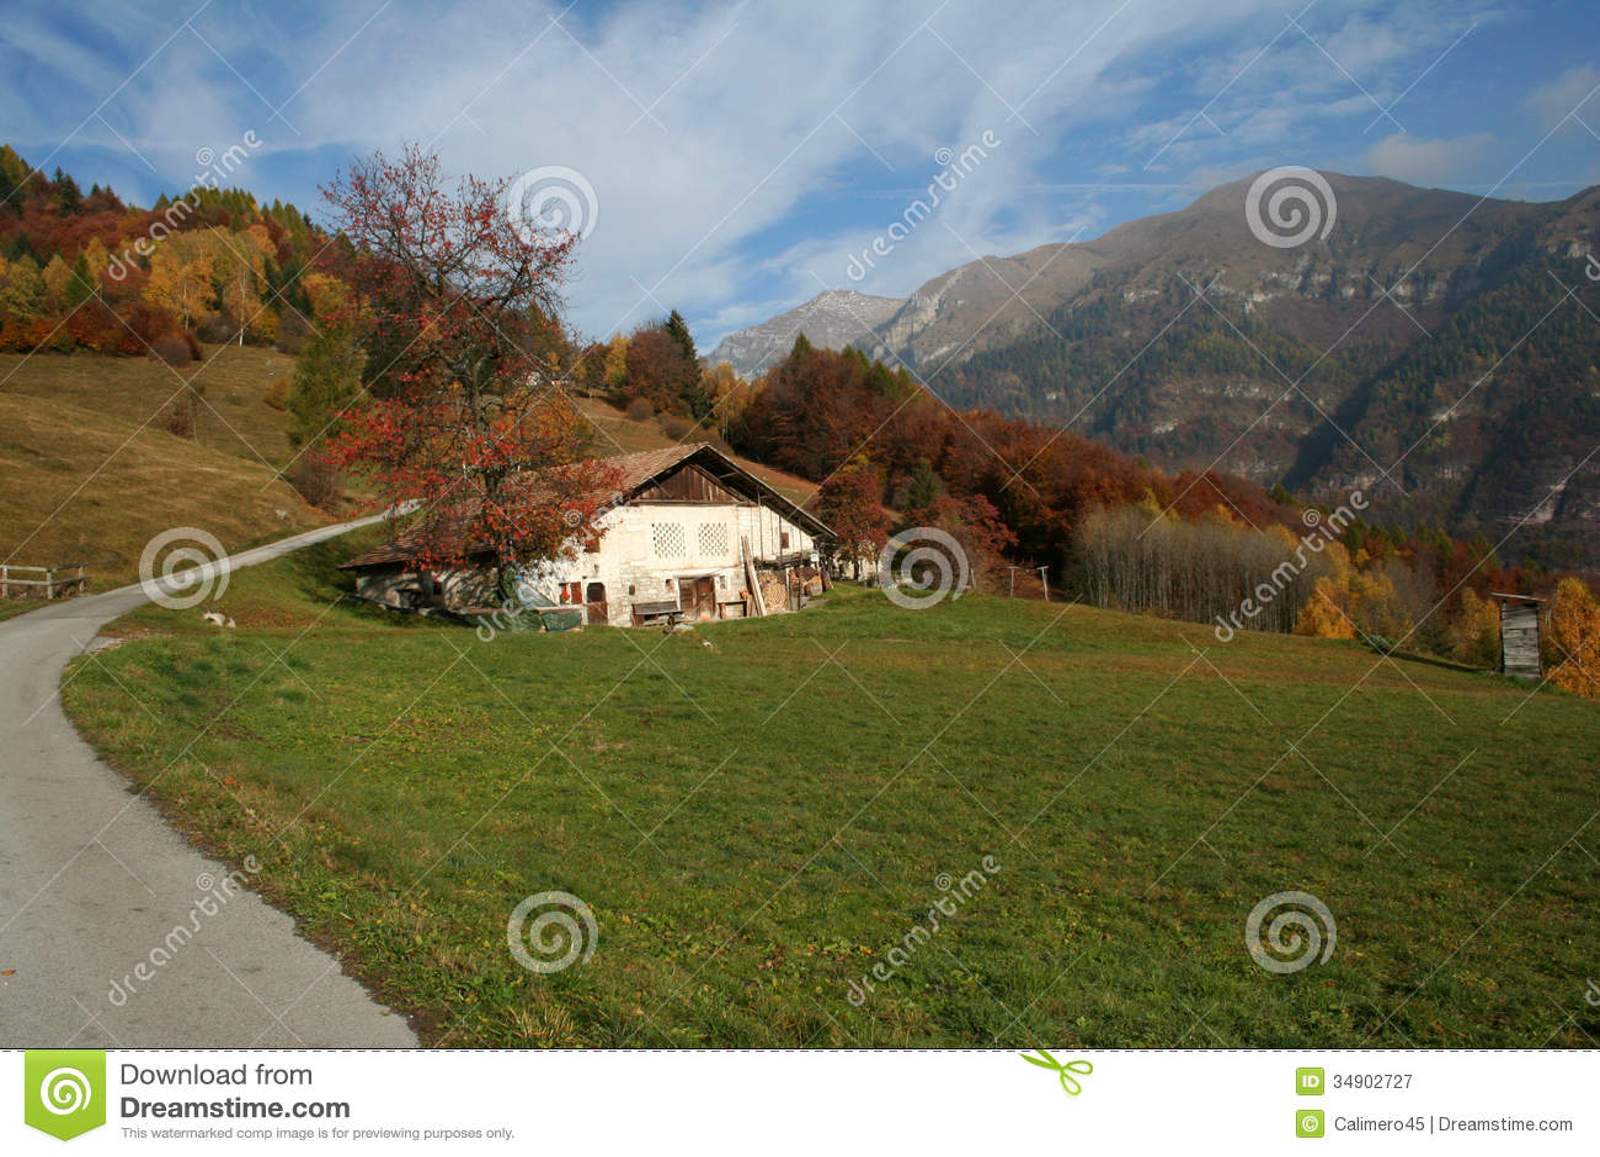 Paesaggio Alpino Di Autunno Immagine Stock  Immagine di case autunno 34902727